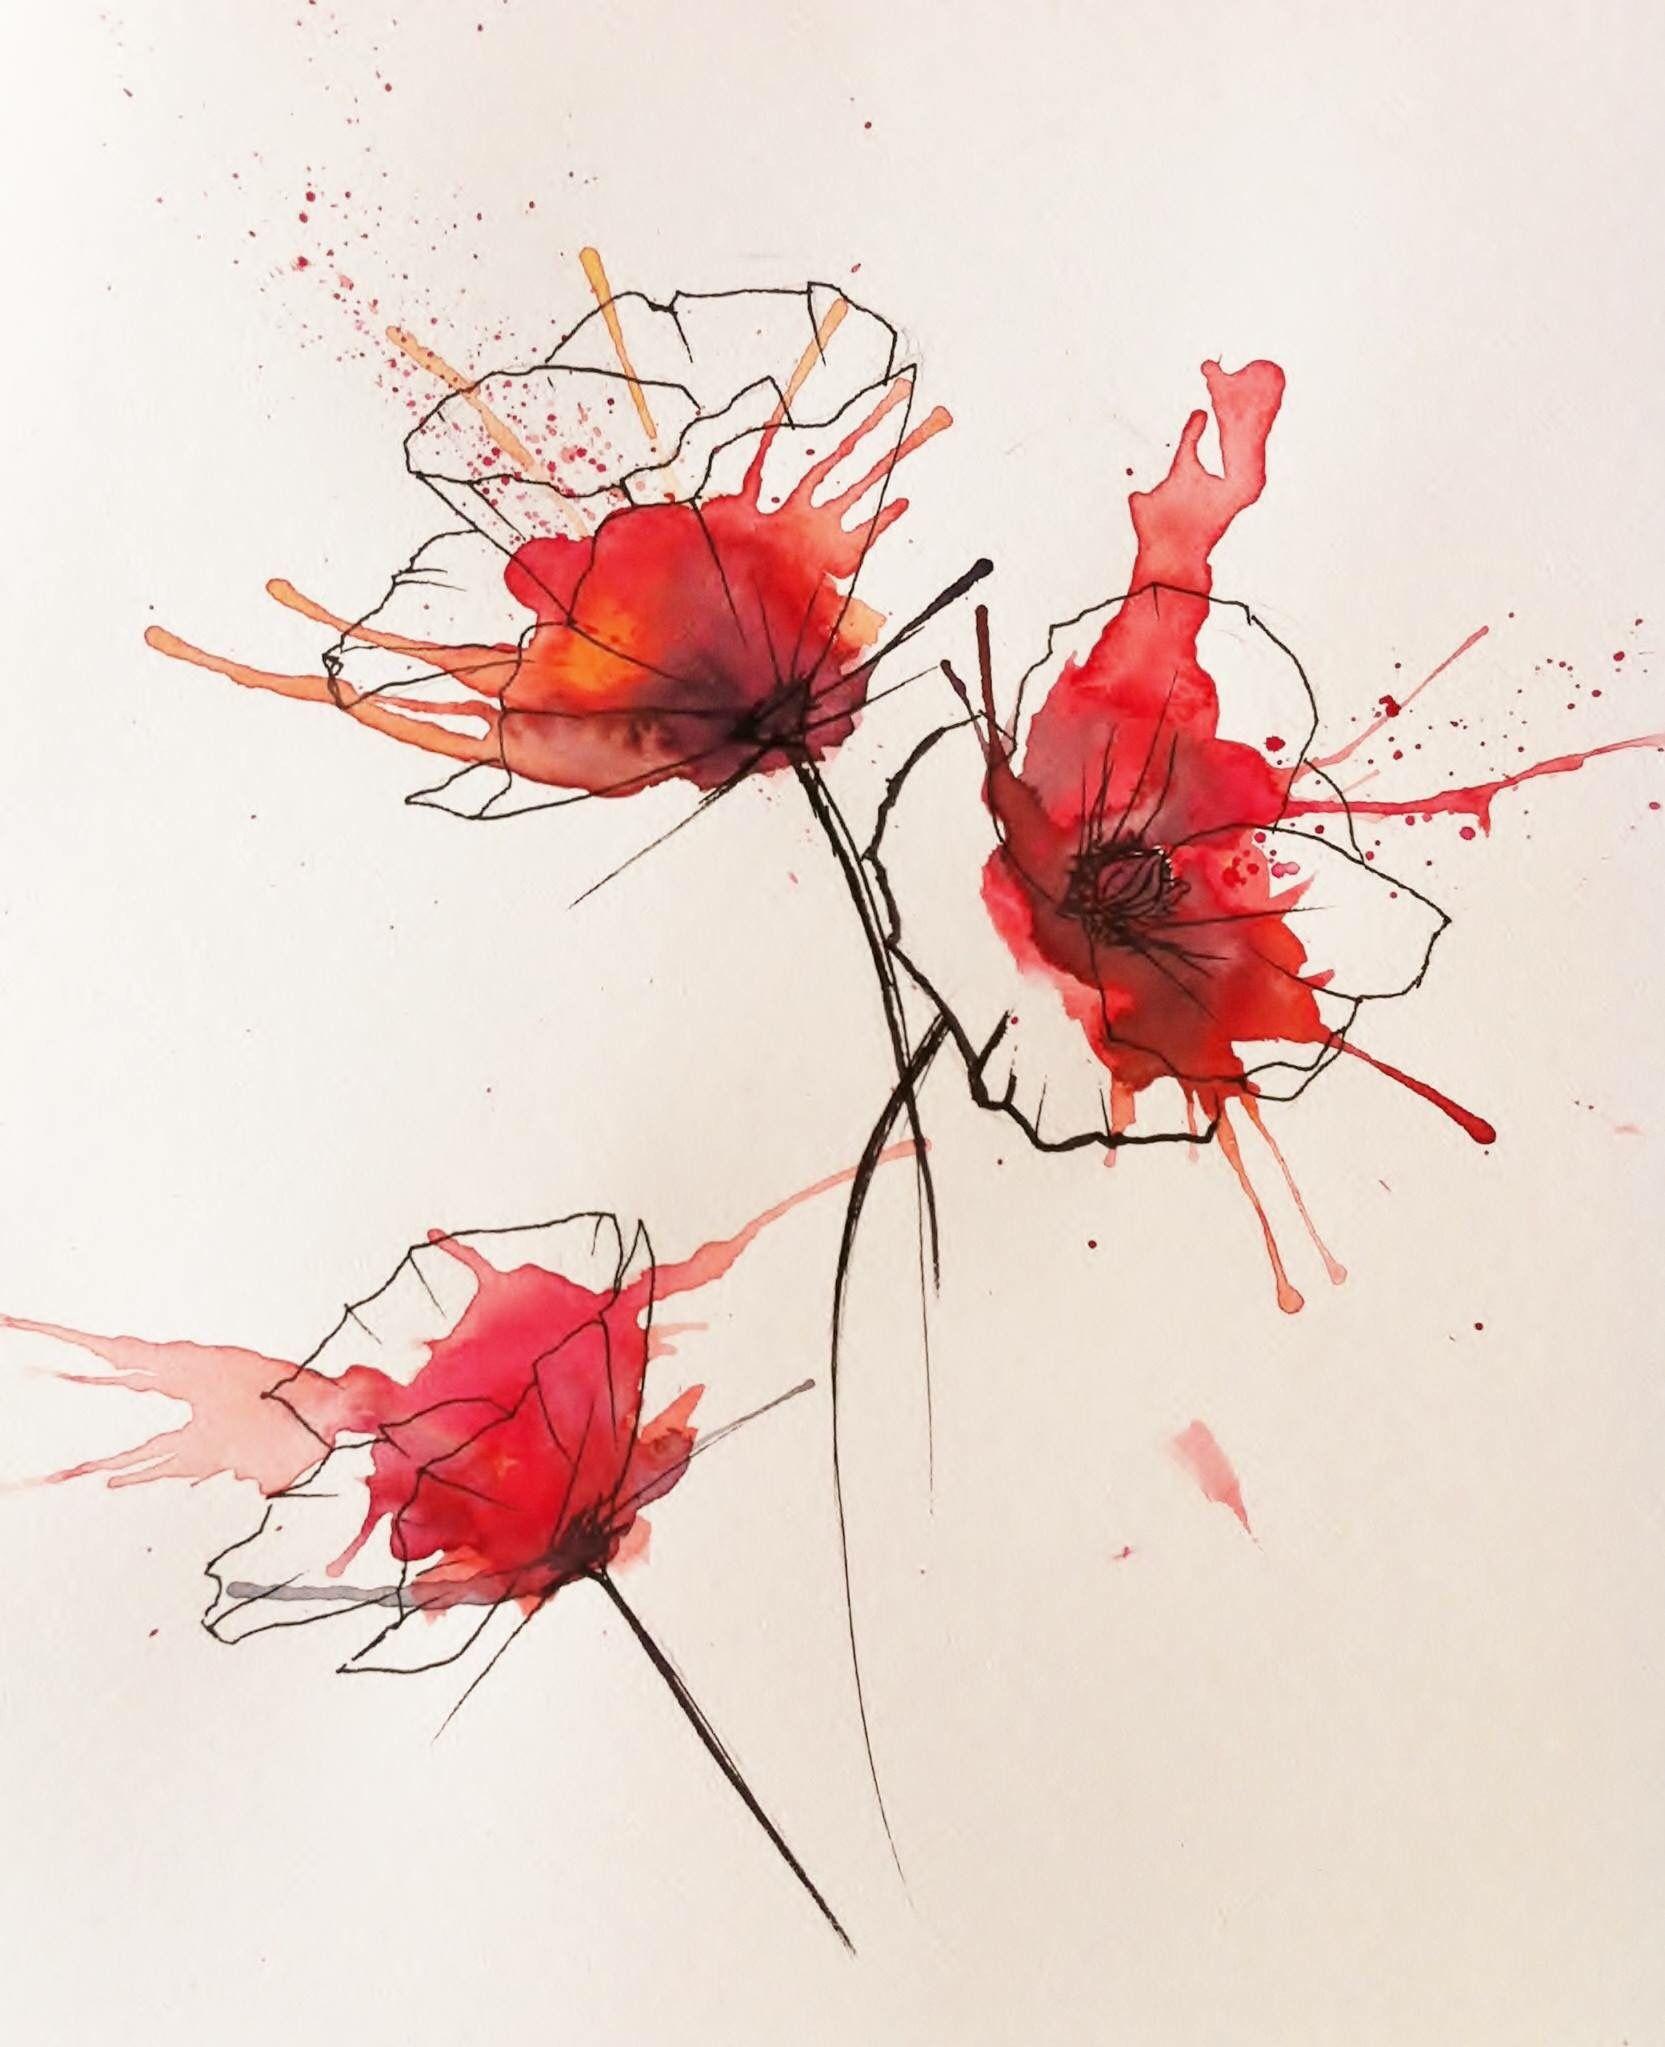 Epingle Par Dogapo Sur Peinture Avec Images Idees D Aquarelle